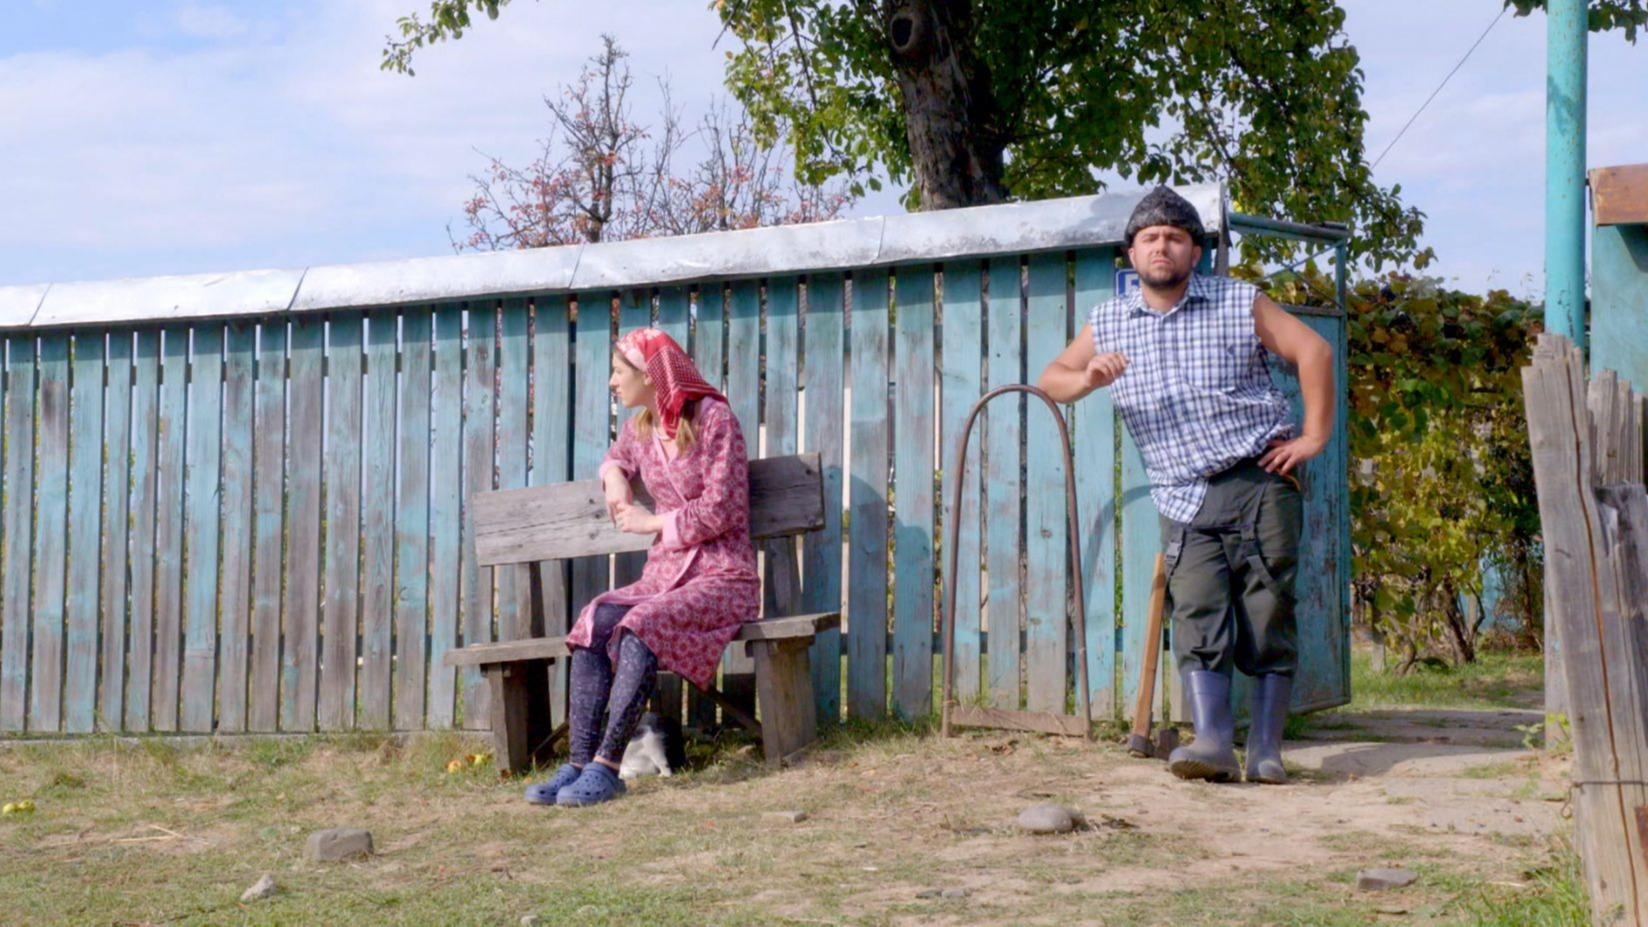 """Mitica a """"incurcat-o""""! Aurica a decis sa divorteze! Afla ce intorsatura neasteptata va lua situatia celor doi, ASTAZI, intr-un nou episod din serialul de comedie """"Moldovenii"""", dupa """"Survivor Romania"""", la Kanal D!"""